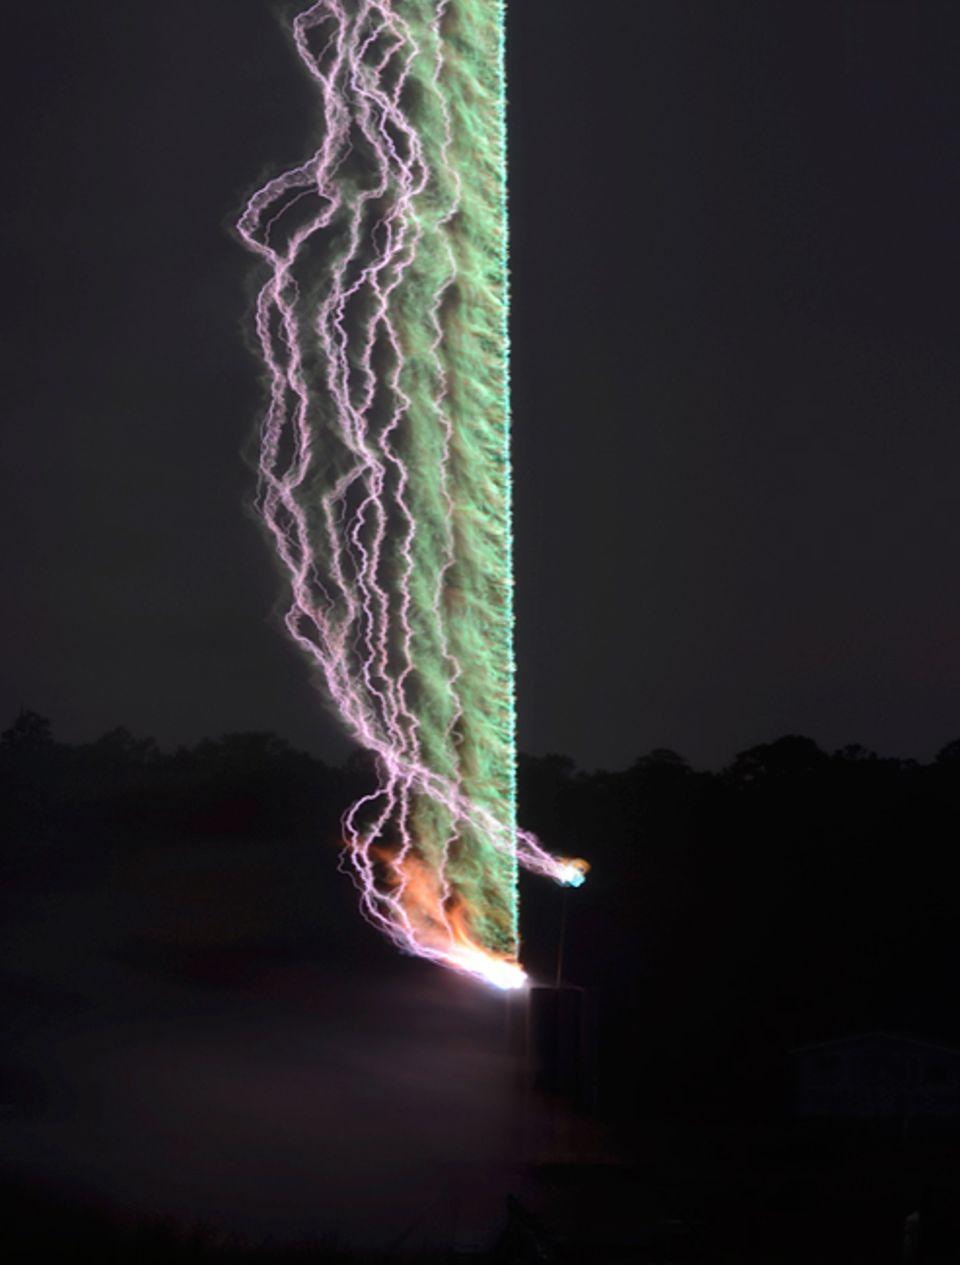 Meteorologie: Forscher haben mit Mikrofonen das Rollen des Donners aufgenommen - und in ein Foto verwandelt